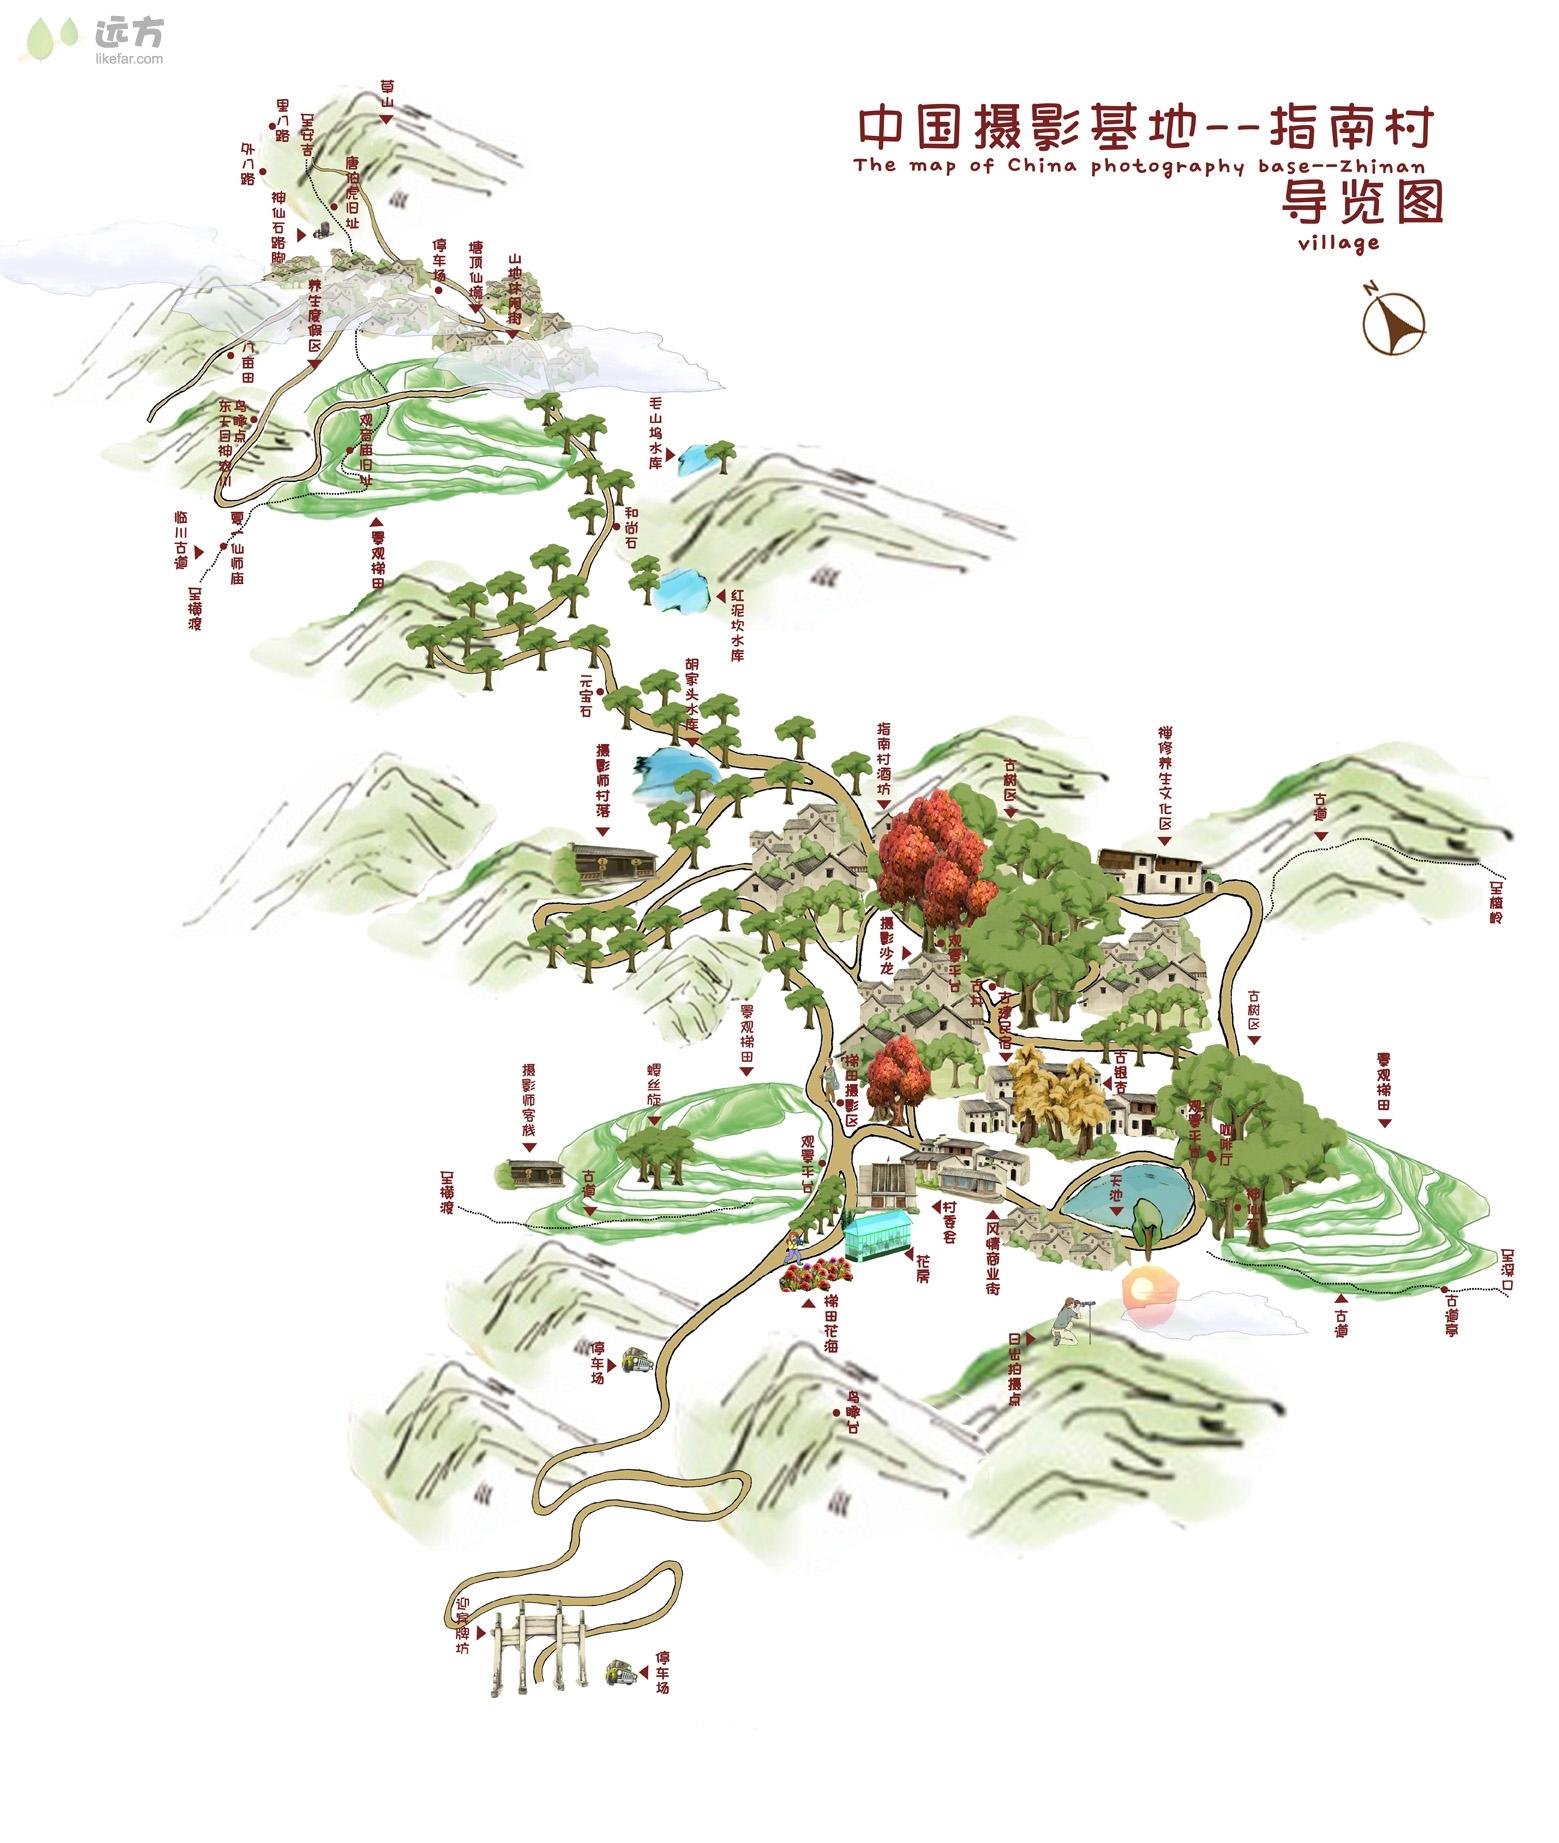 2015年浙江临安指南村自助游攻略